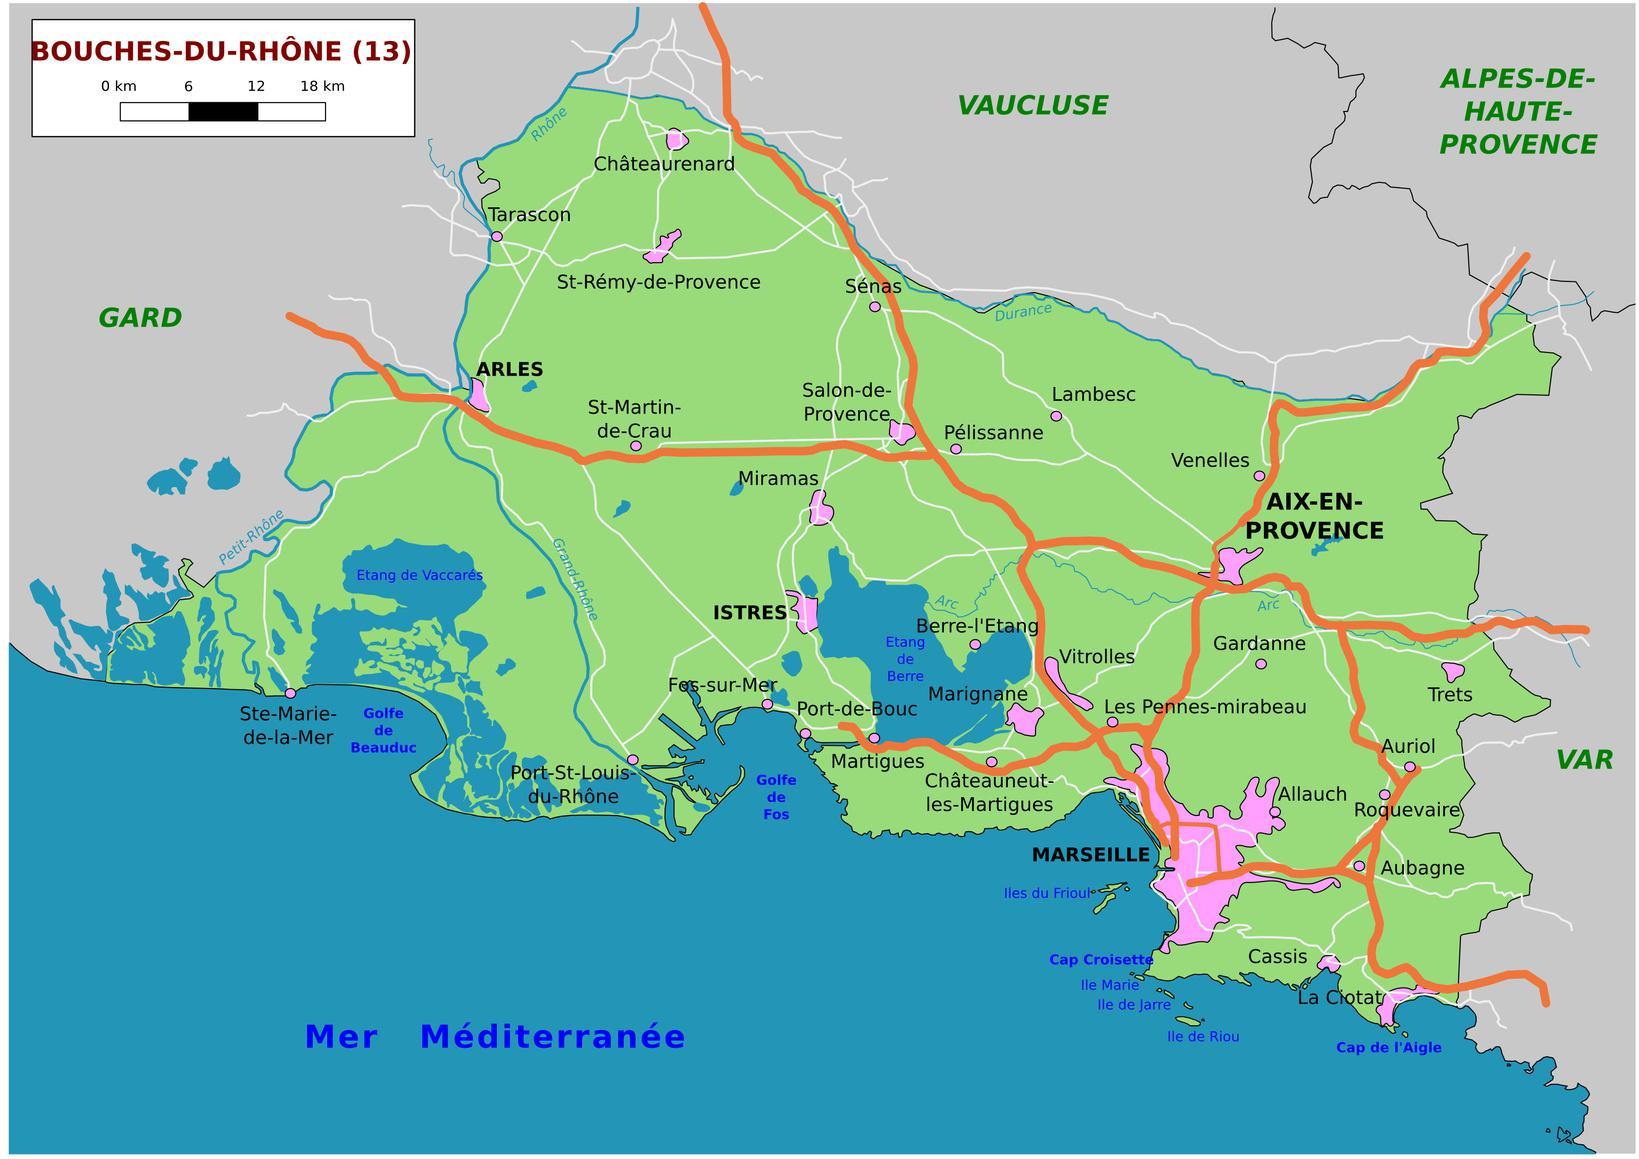 Carte Des Bouches-Du-Rhône - Communes, Détaillée, Relief avec Carte Du Sud Est De La France Détaillée